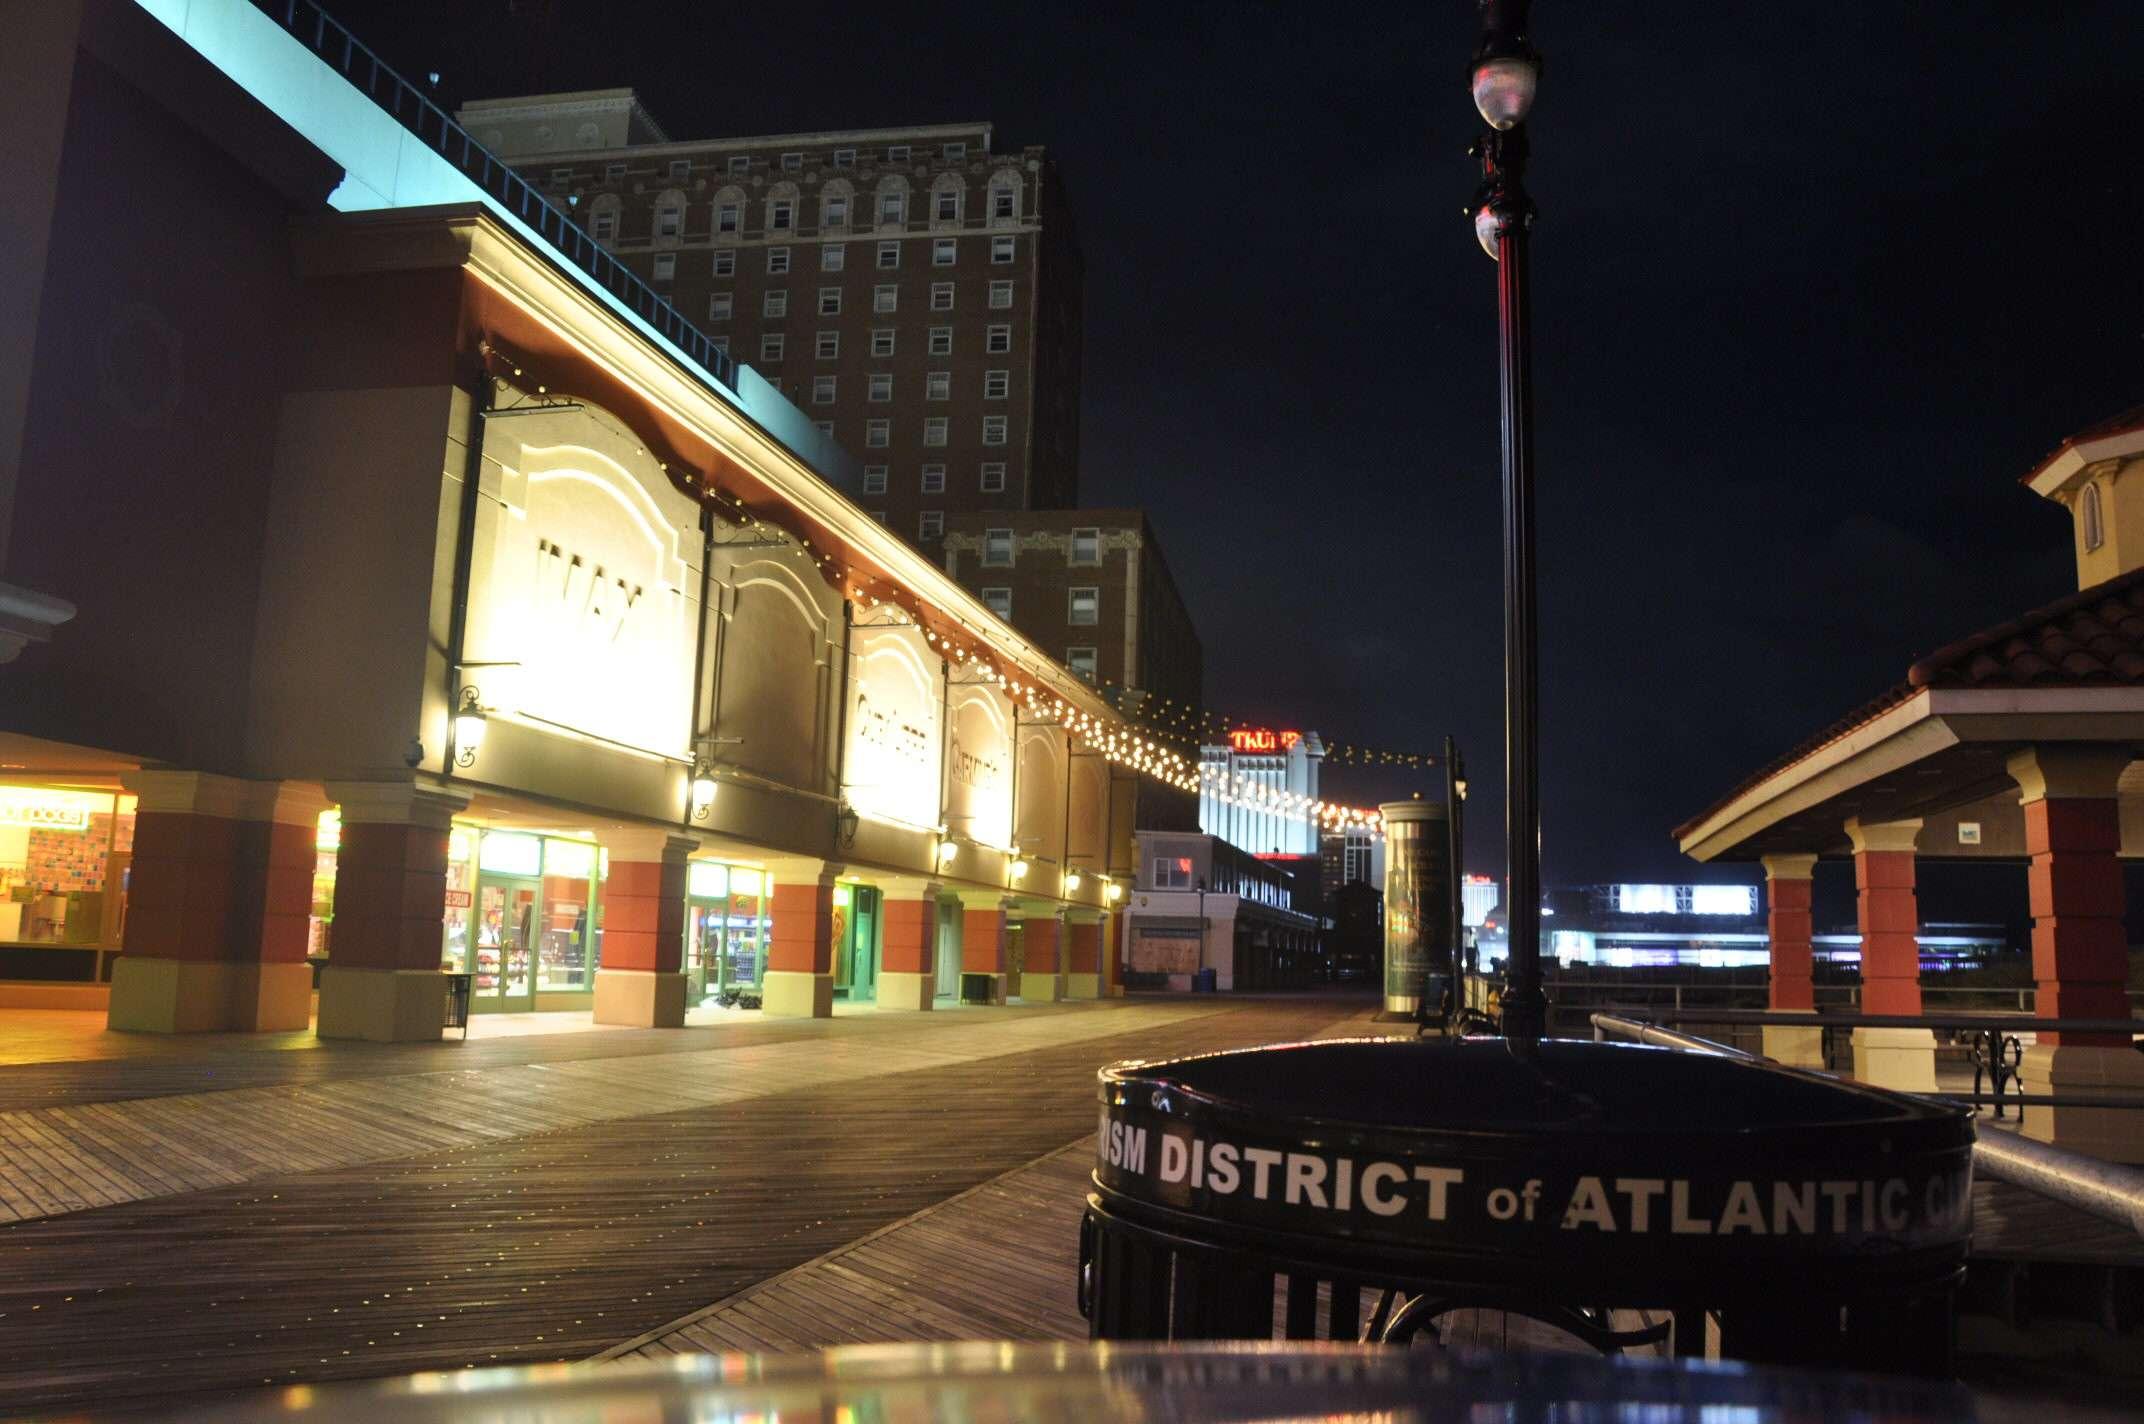 Atlantic City, de las luces neón a la oscuridad del huracán